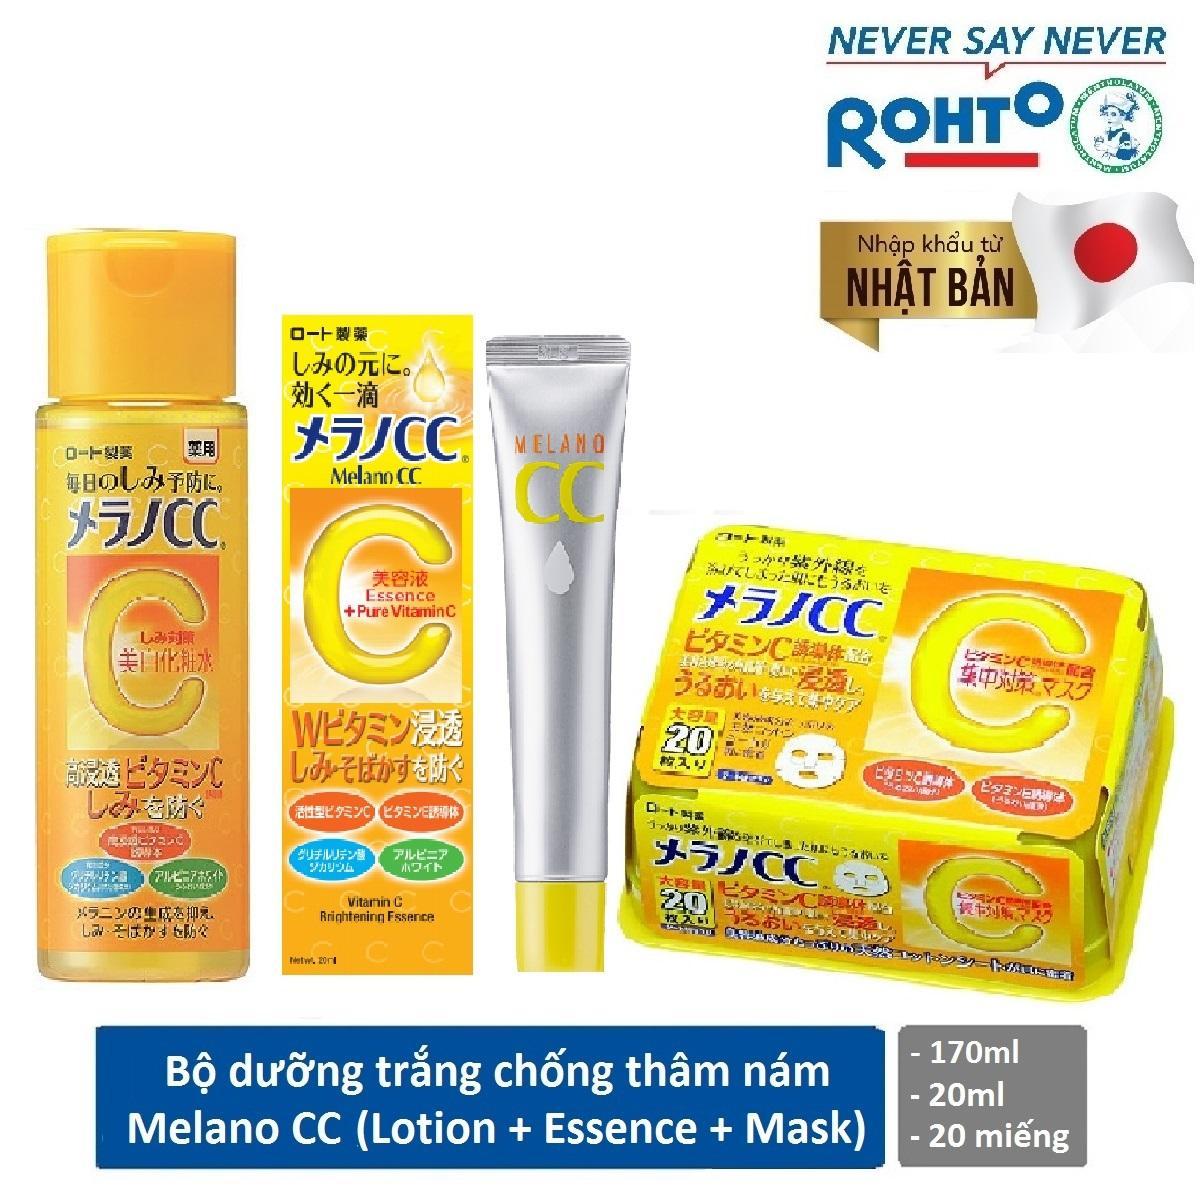 Bộ sản phẩm dưỡng trắng chống thâm nám Melano CC (Dung dịch 170ml + Tinh chất 20ml + Mặt nạ 20 miếng)